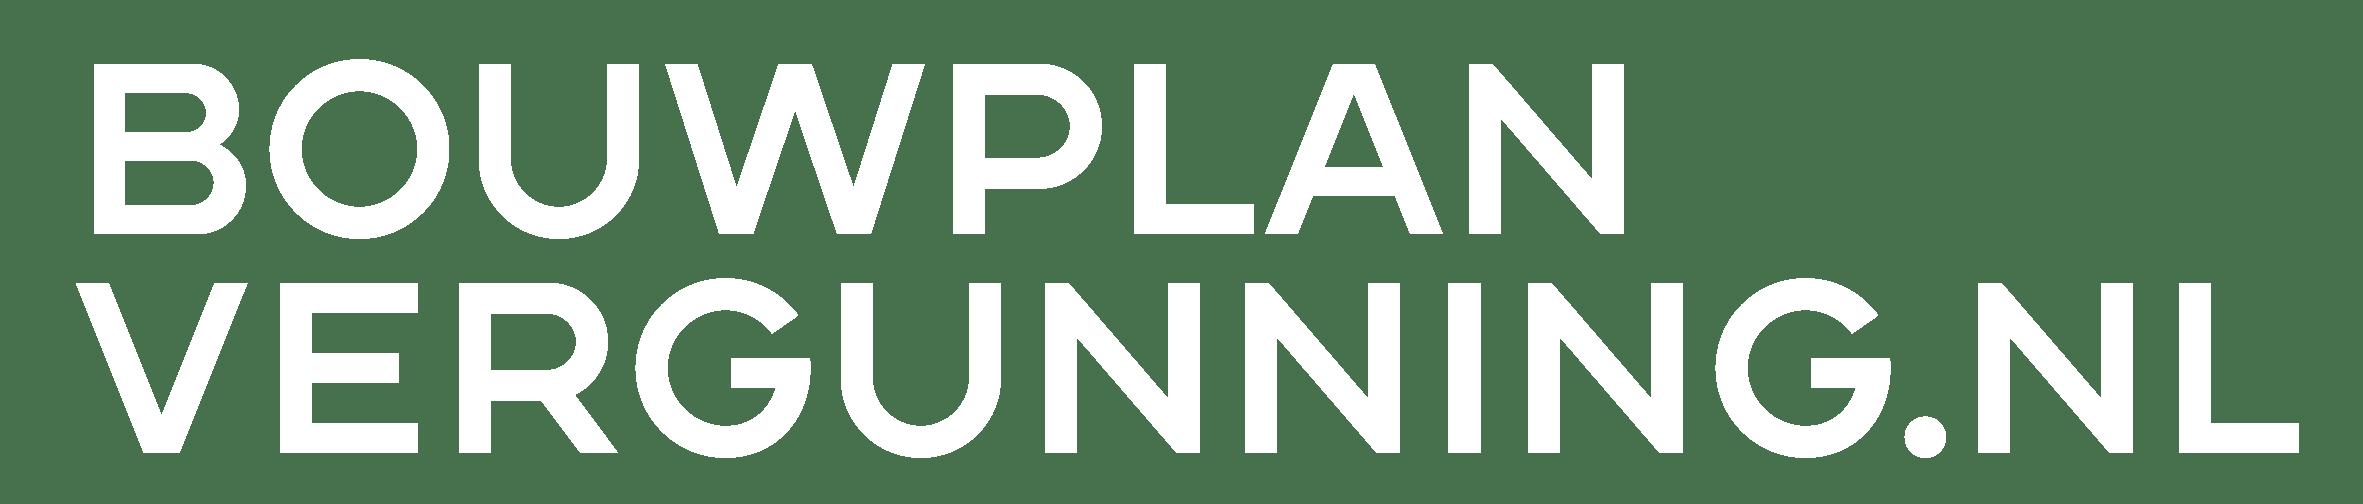 Bouwplanvergunning